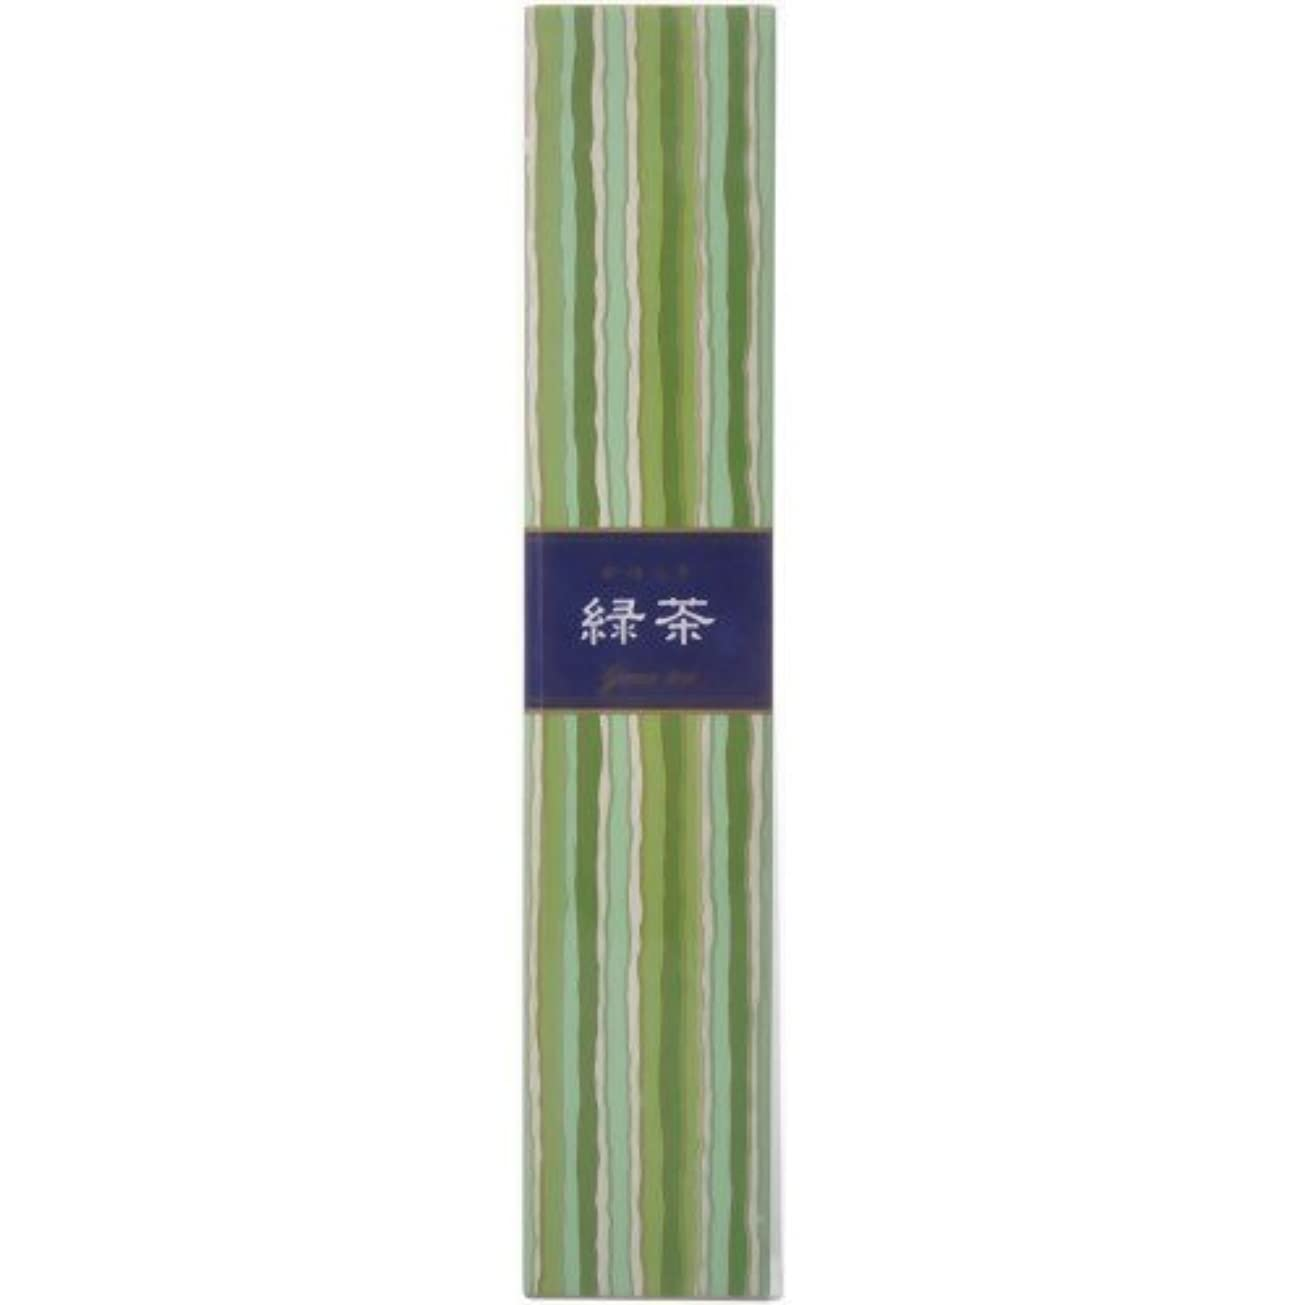 未亡人子犬ポインタ【セット品】かゆらぎ 緑茶 スティック40本入 香立付 ×3個